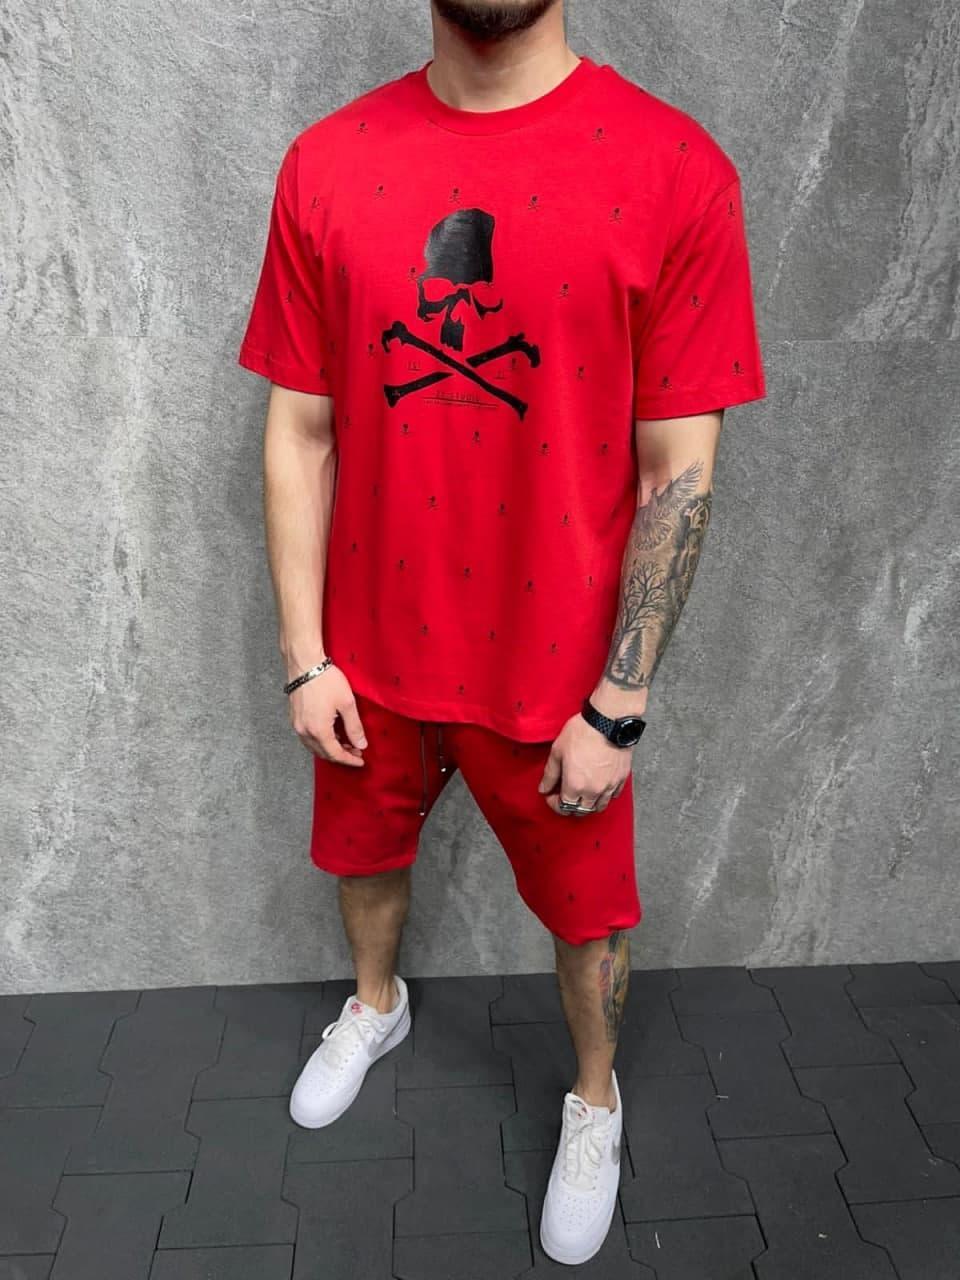 Мужской классический/спортивный костюм/комплект красный с принтом череп лето Футболка  + шорты Турция